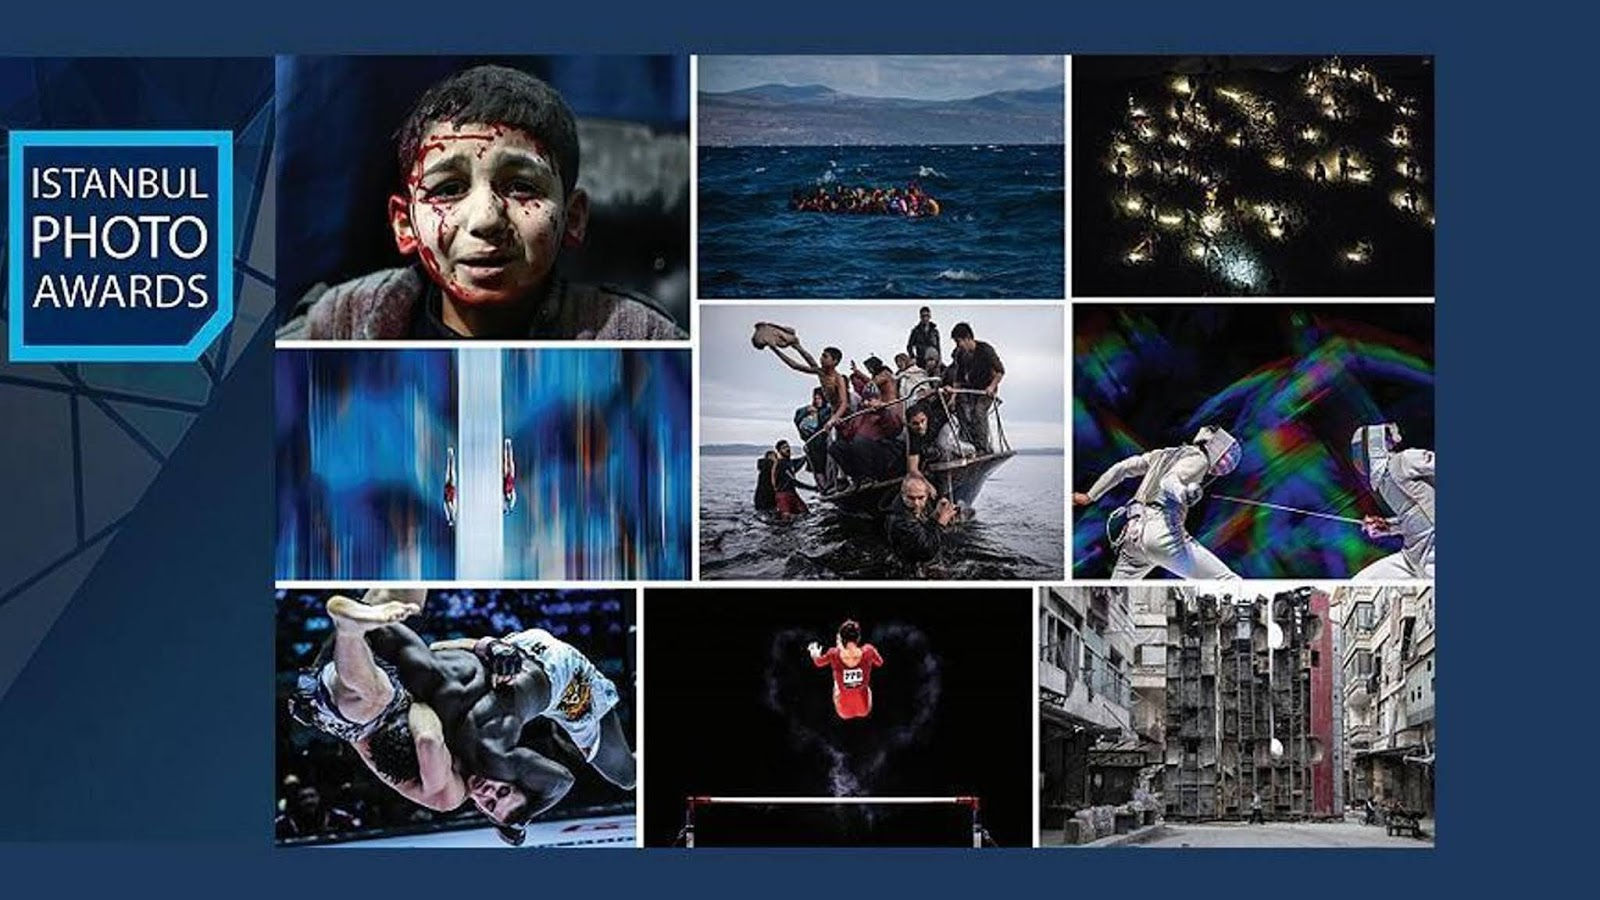 Photogrammer – творча співдружність: Istanbul Photo Awards – міжнародний конкурс, що присвячений новинним фотографіям організатором якого є Anadolu Agency. До участі запрошуються фотожурналісти з усього світу.|